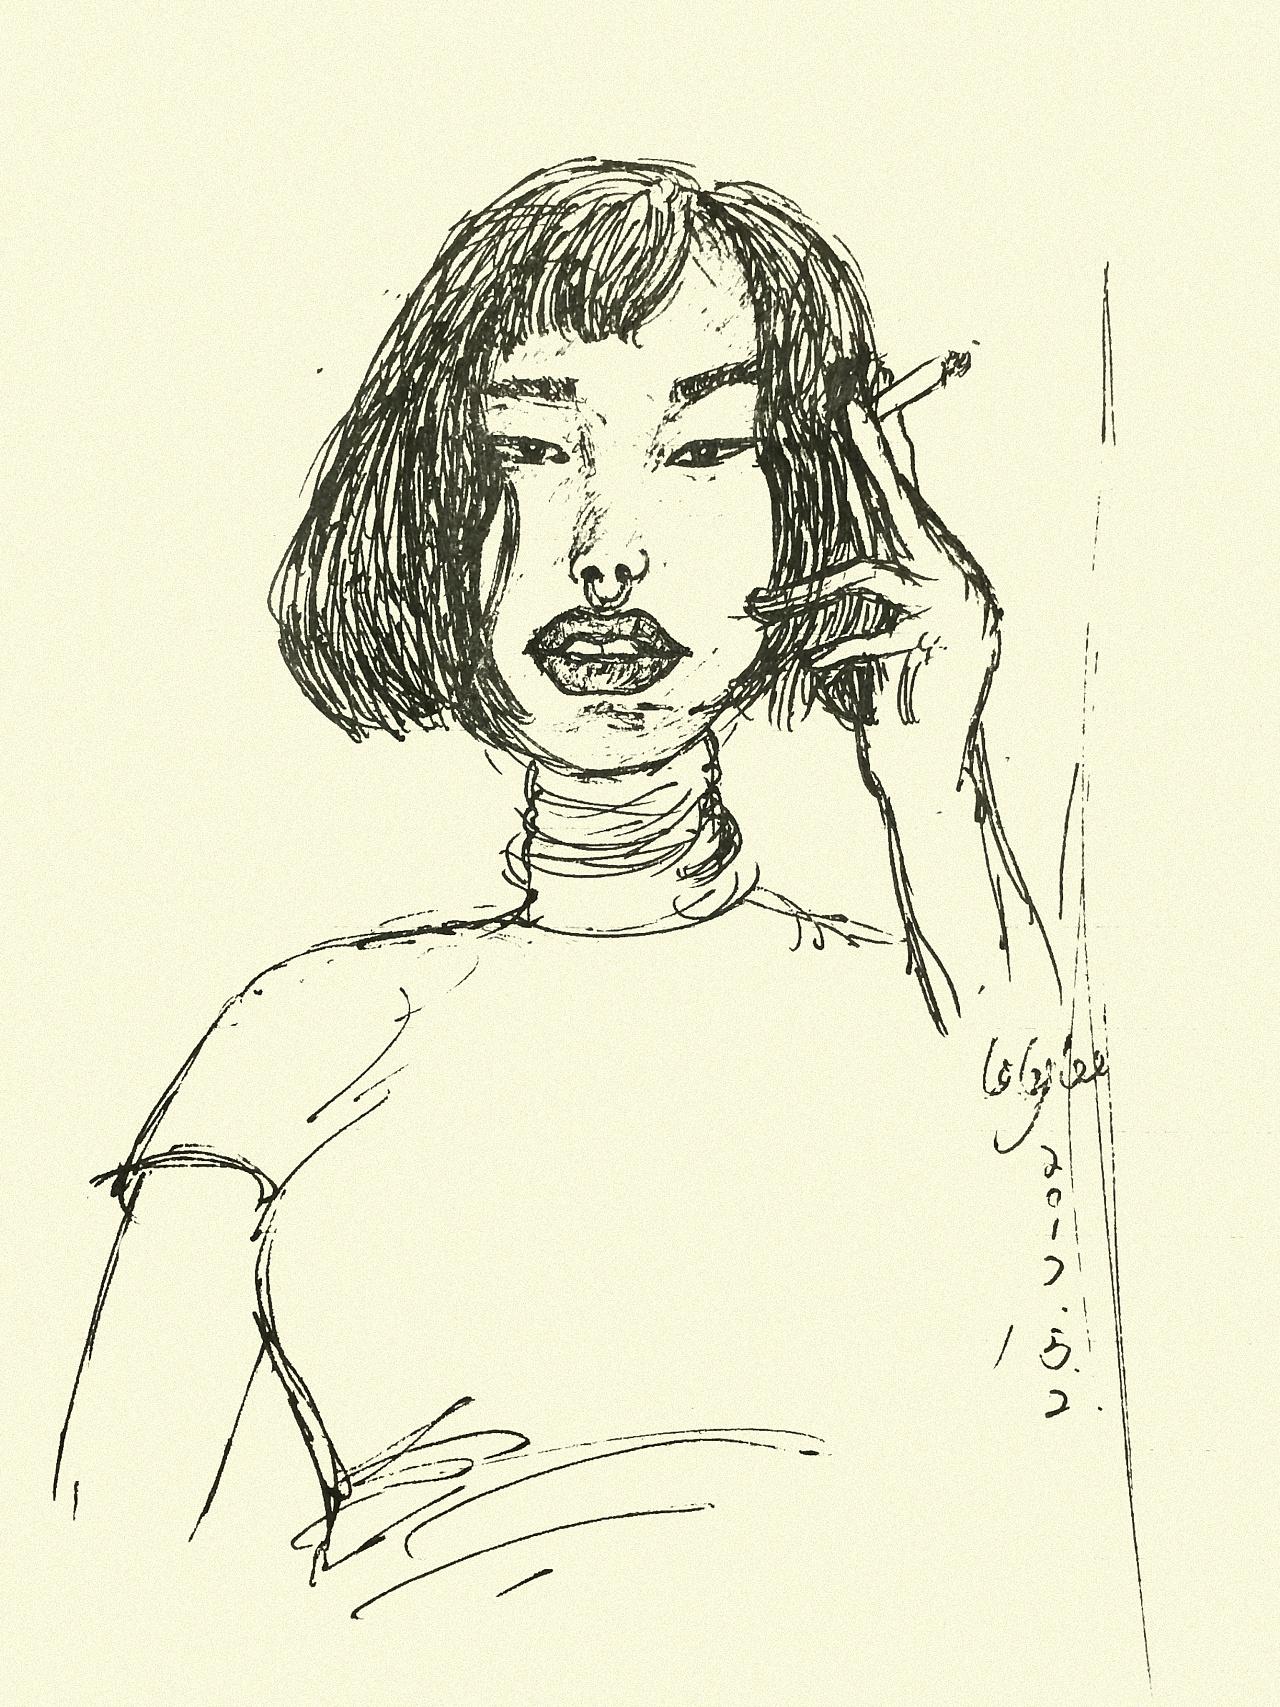 手绘|其他|其他|库拉柚子皮 - 原创作品 - 站酷